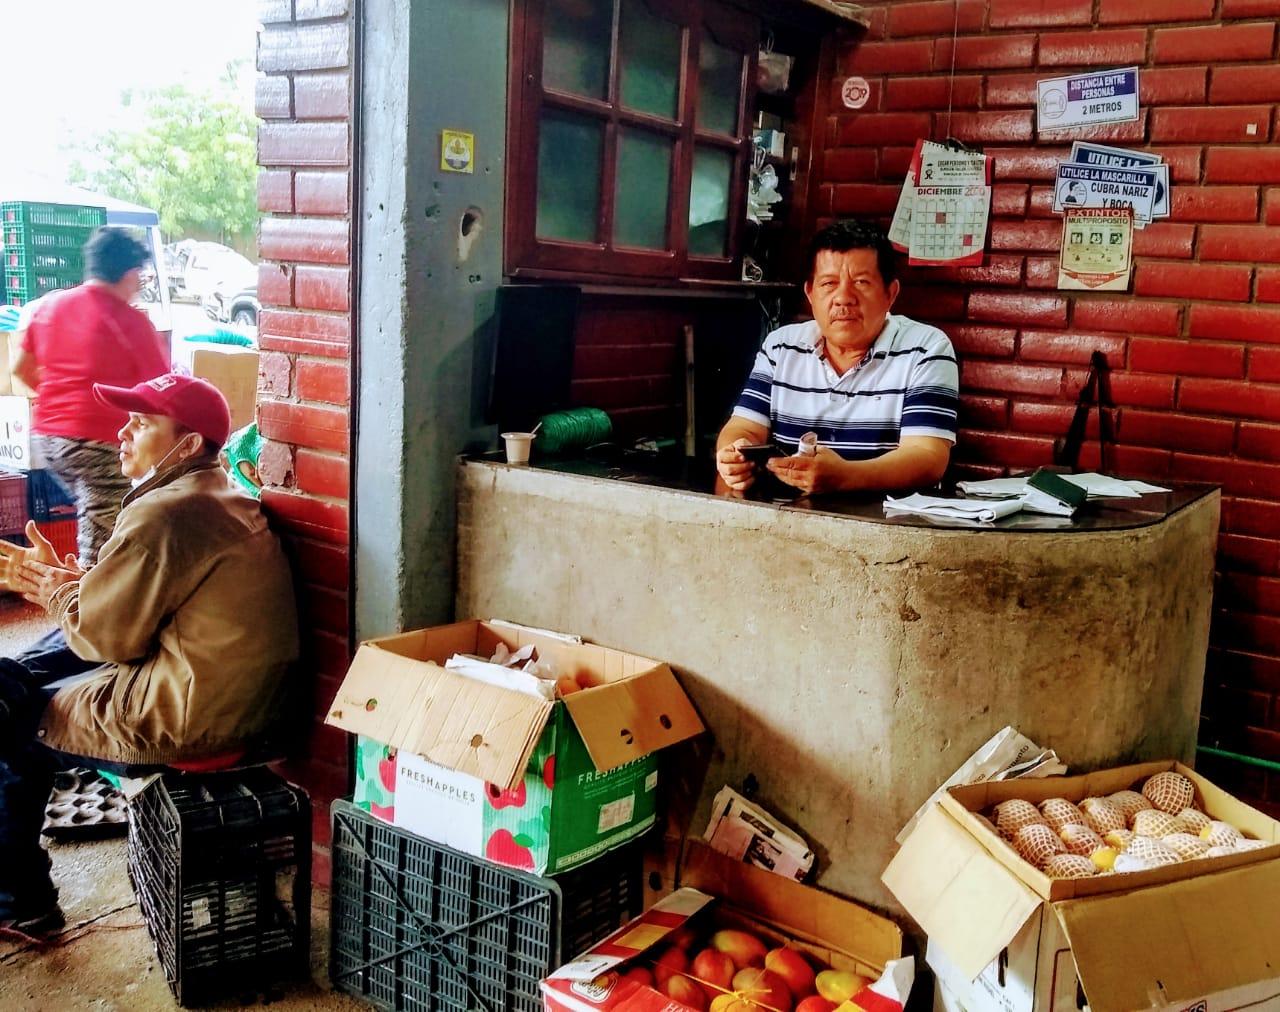 Frutas al por mayor en Surabastos, negocio ya no tan rentable